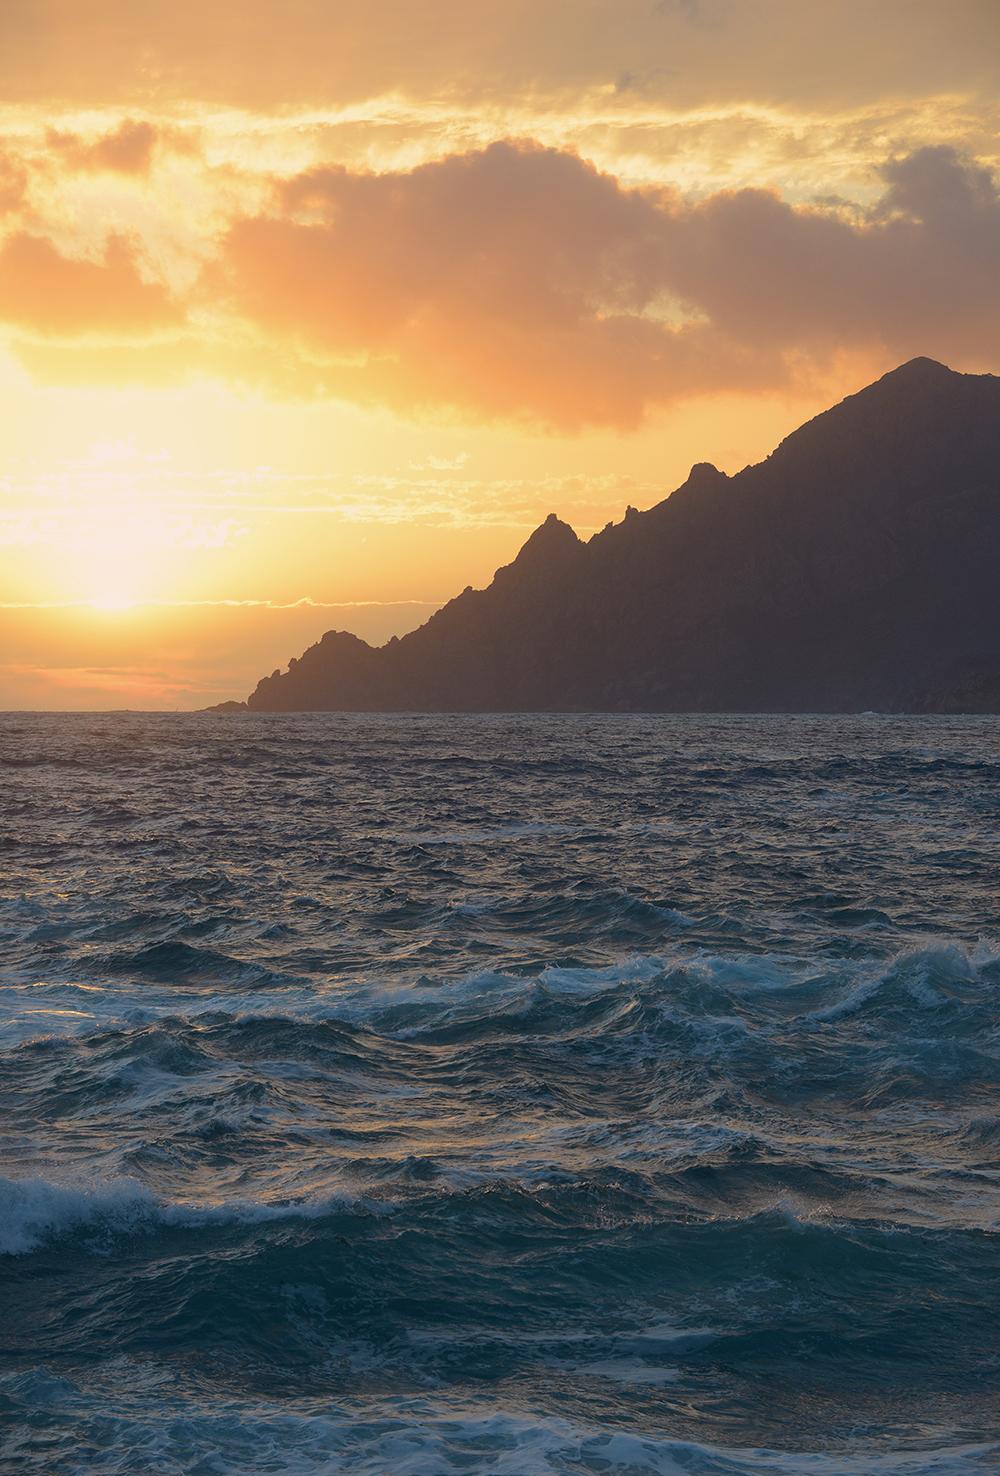 auringonlasku, vuori, kesä, meri, välimeri, matkablogi, matka